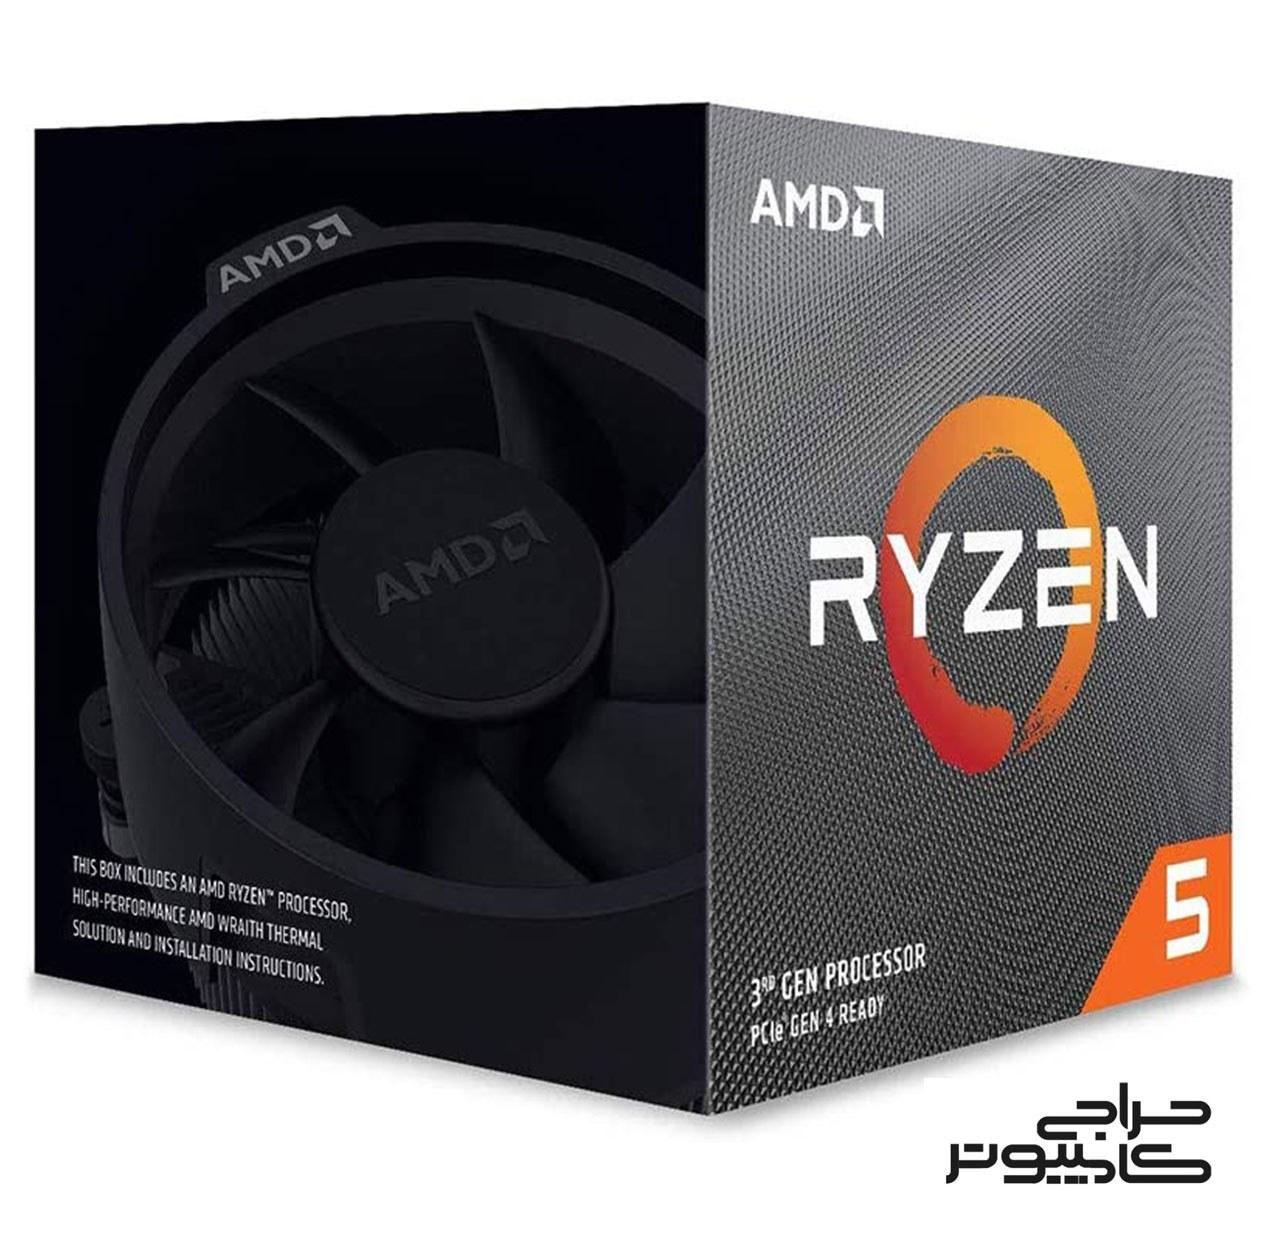 تصویر پردازنده ای ام دی Ryzen 5 5600X باندل با مادربردهای ایسوس AMD Ryzen 5 5600X AM4 Processor